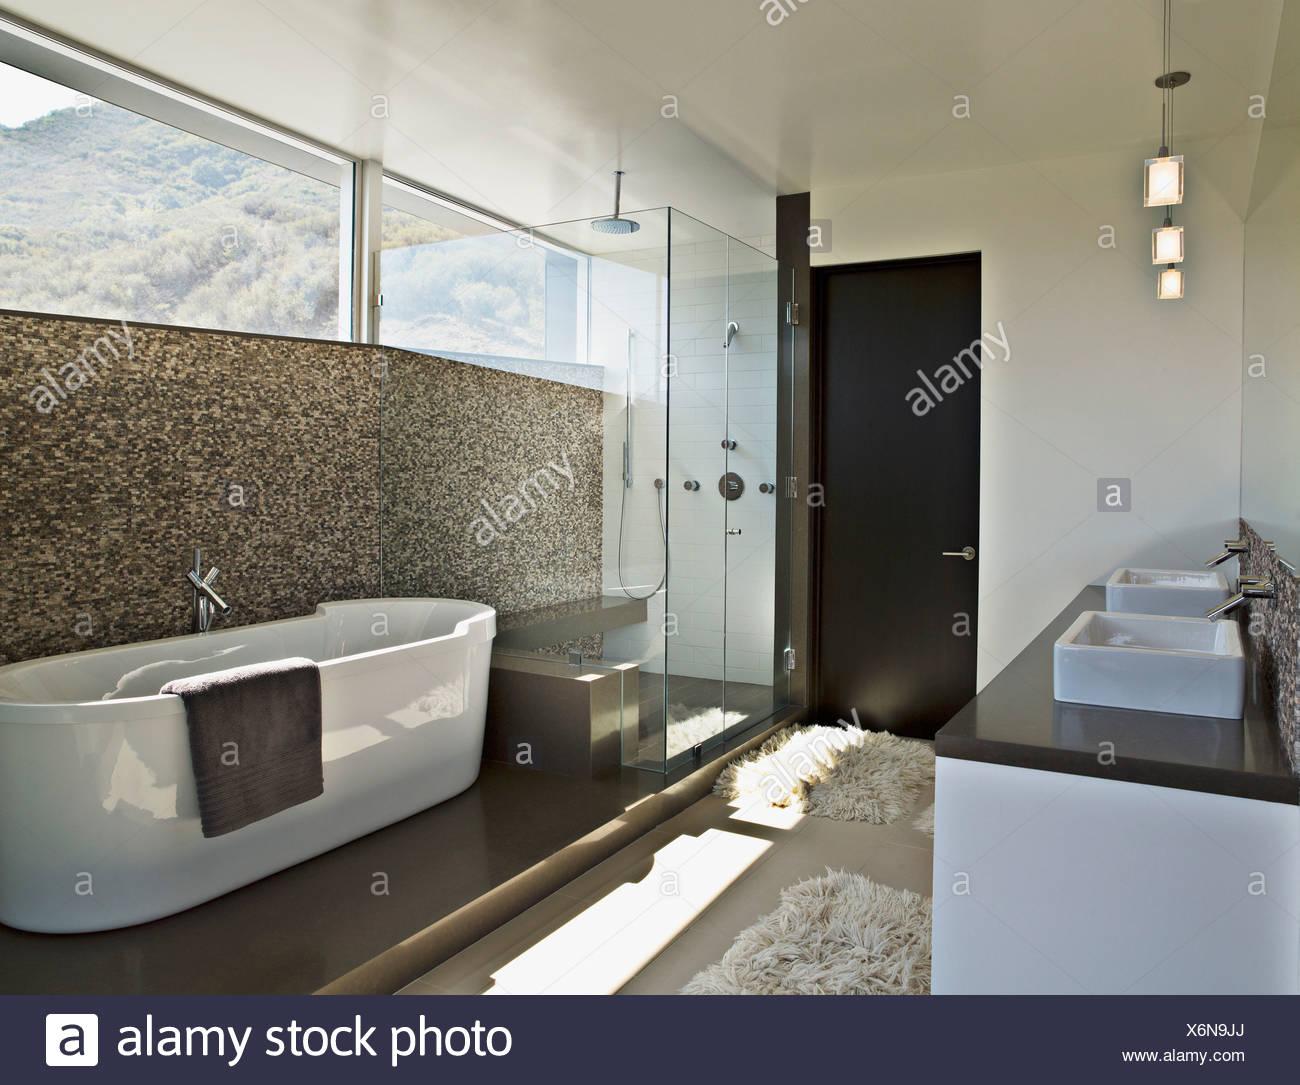 Modernes Bad mit Badewanne Stockfoto, Bild: 279522394 - Alamy